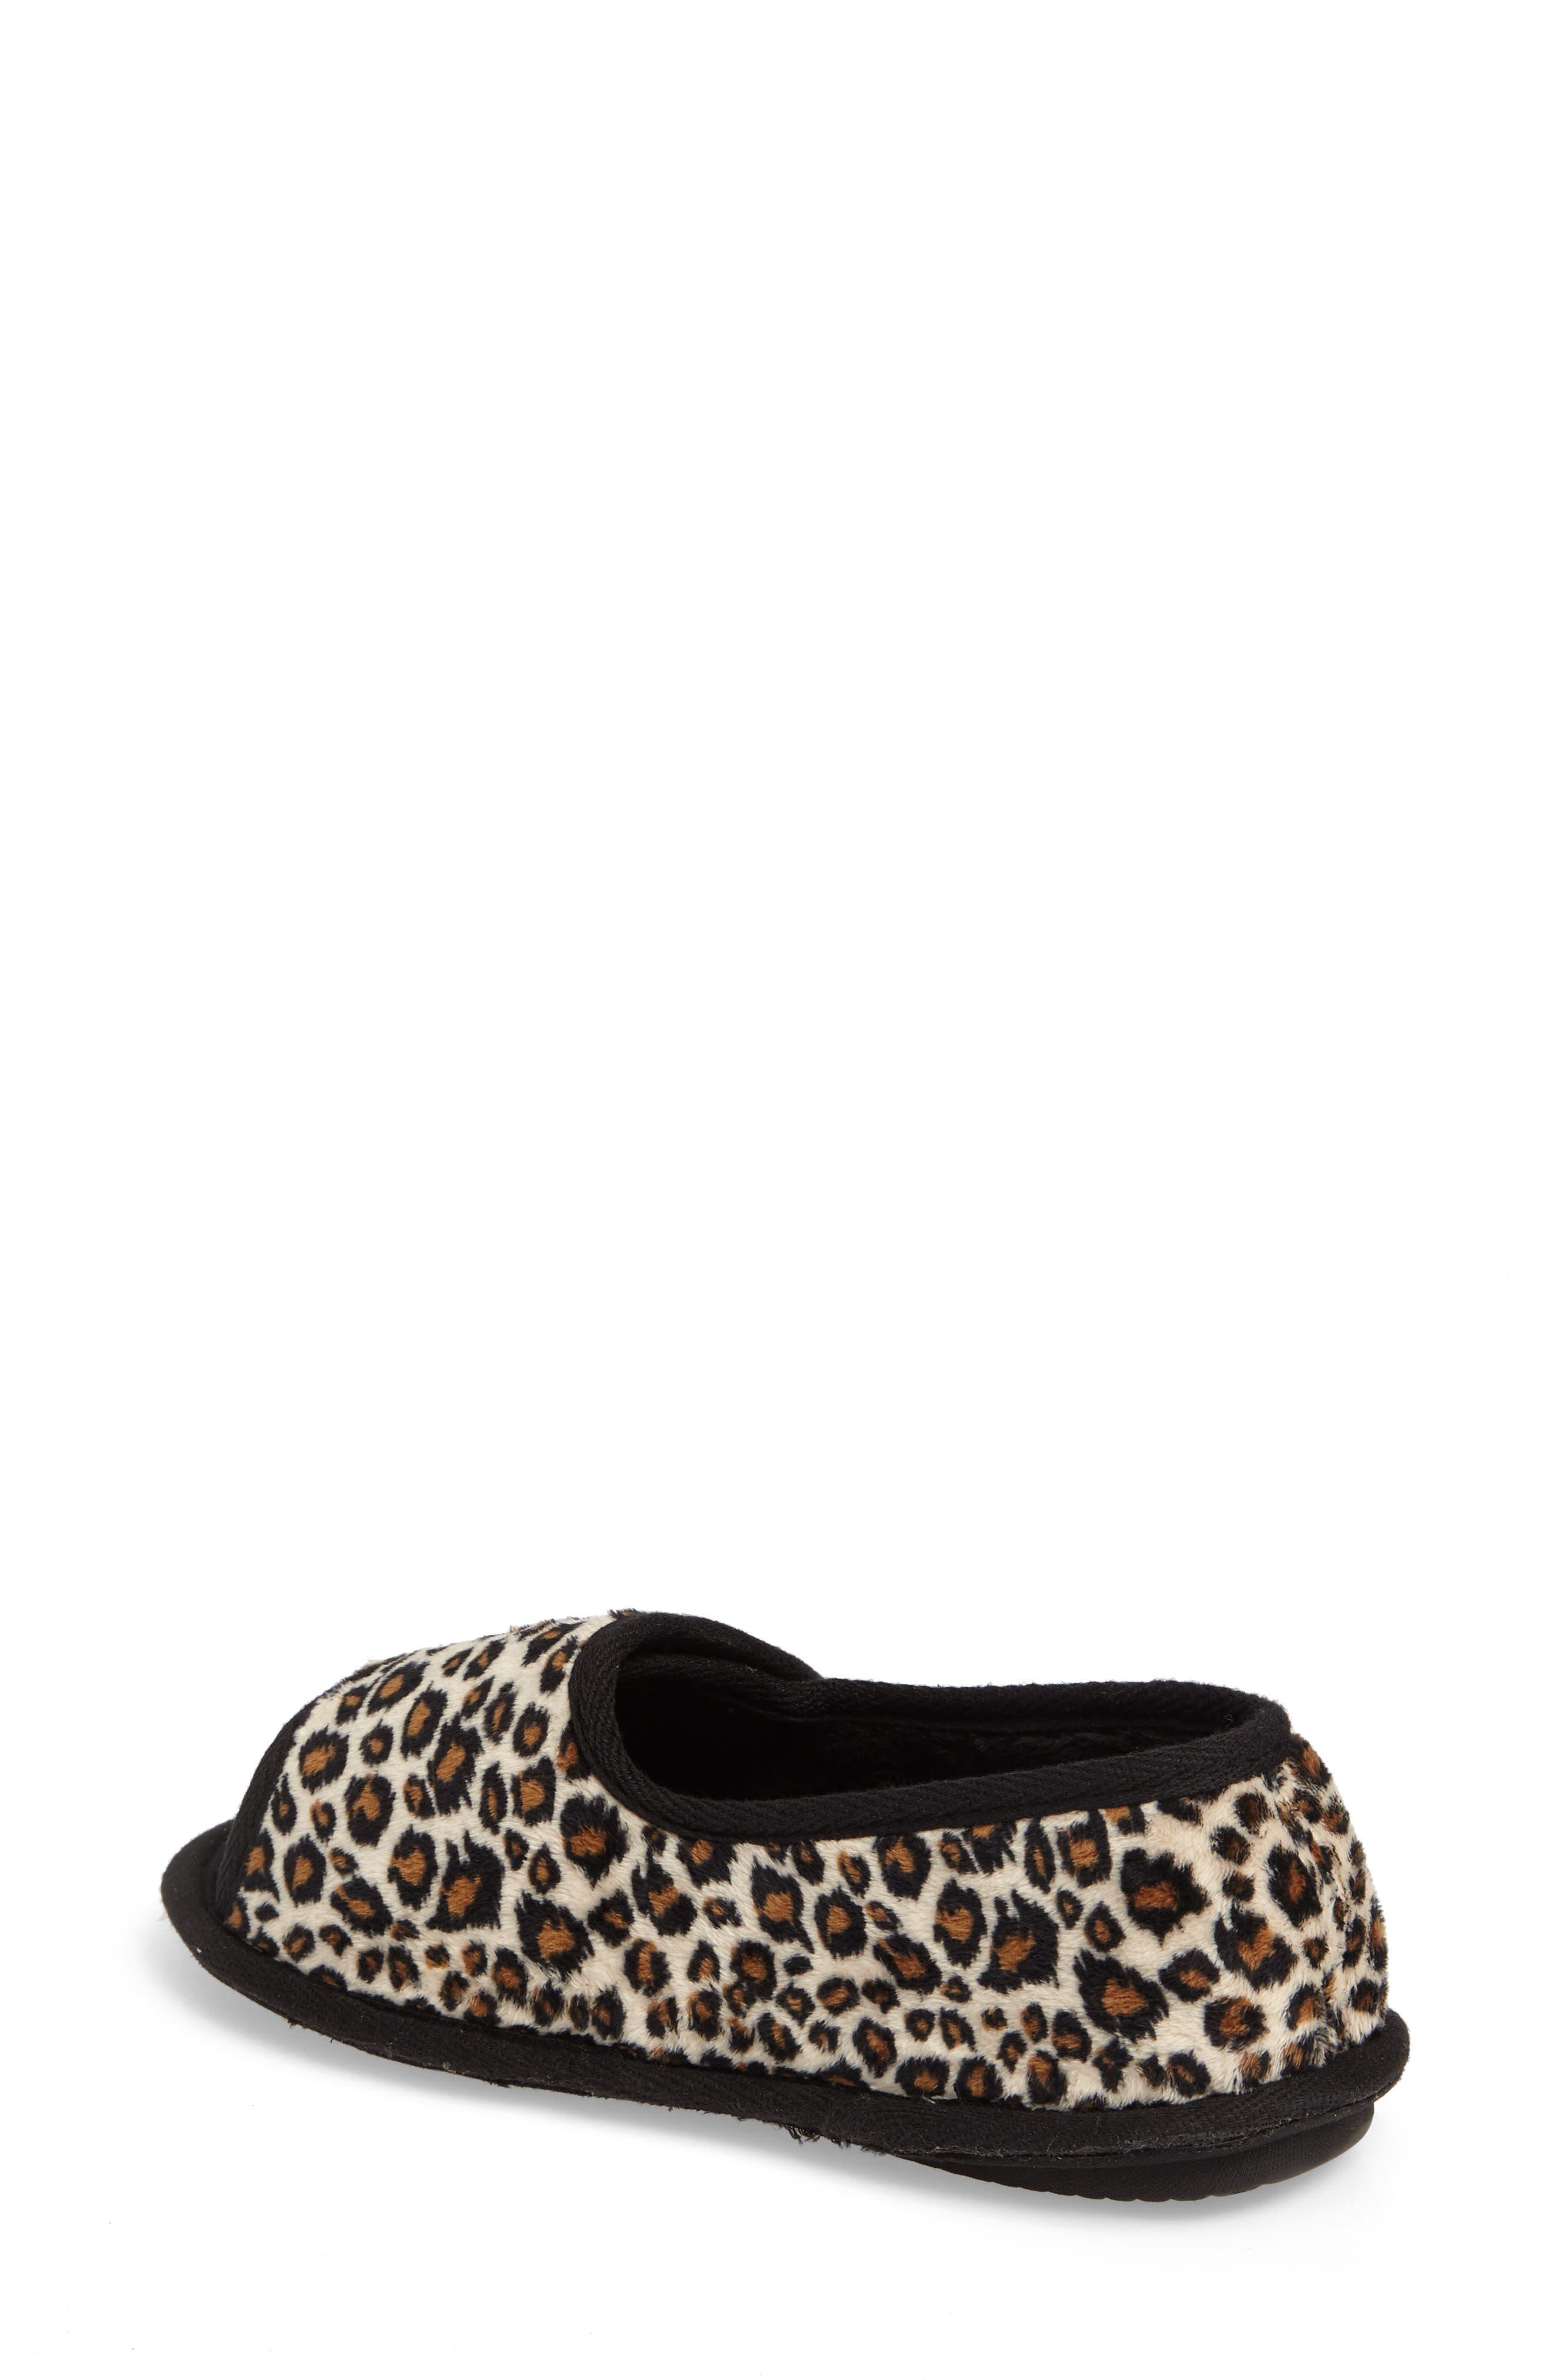 Tara II Slipper,                             Alternate thumbnail 2, color,                             Cheetah Fabric